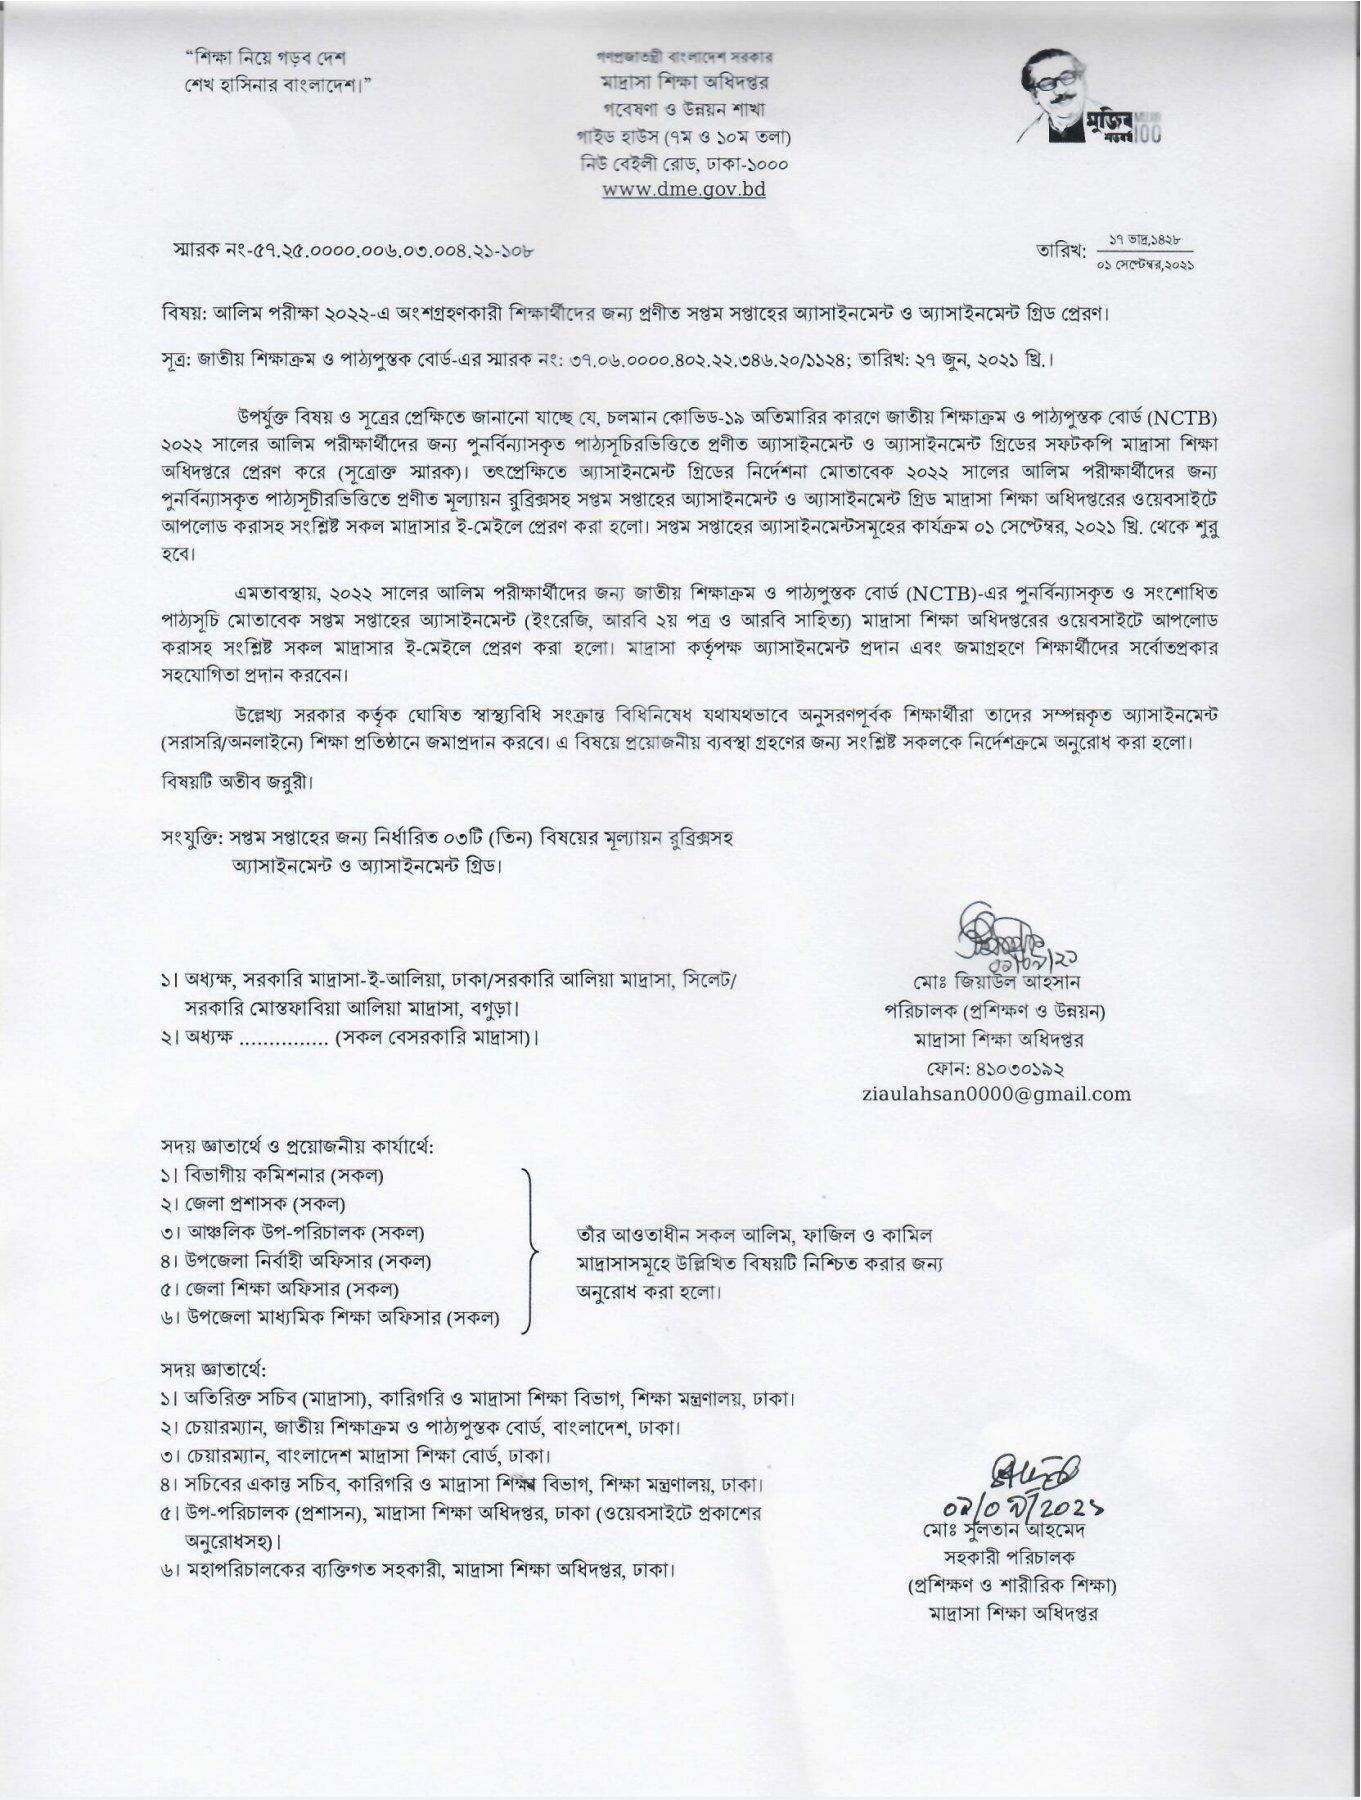 আলিম এসাইনমেন্ট ২০২২ উত্তর/সমাধান (৭ম সপ্তাহ) PDF | ২০২২ সালের আলিম ৭ম সপ্তাহের এসাইনমেন্ট সমাধান /উত্তর | Alim 2022 Assignment Answer 7th Week PDF